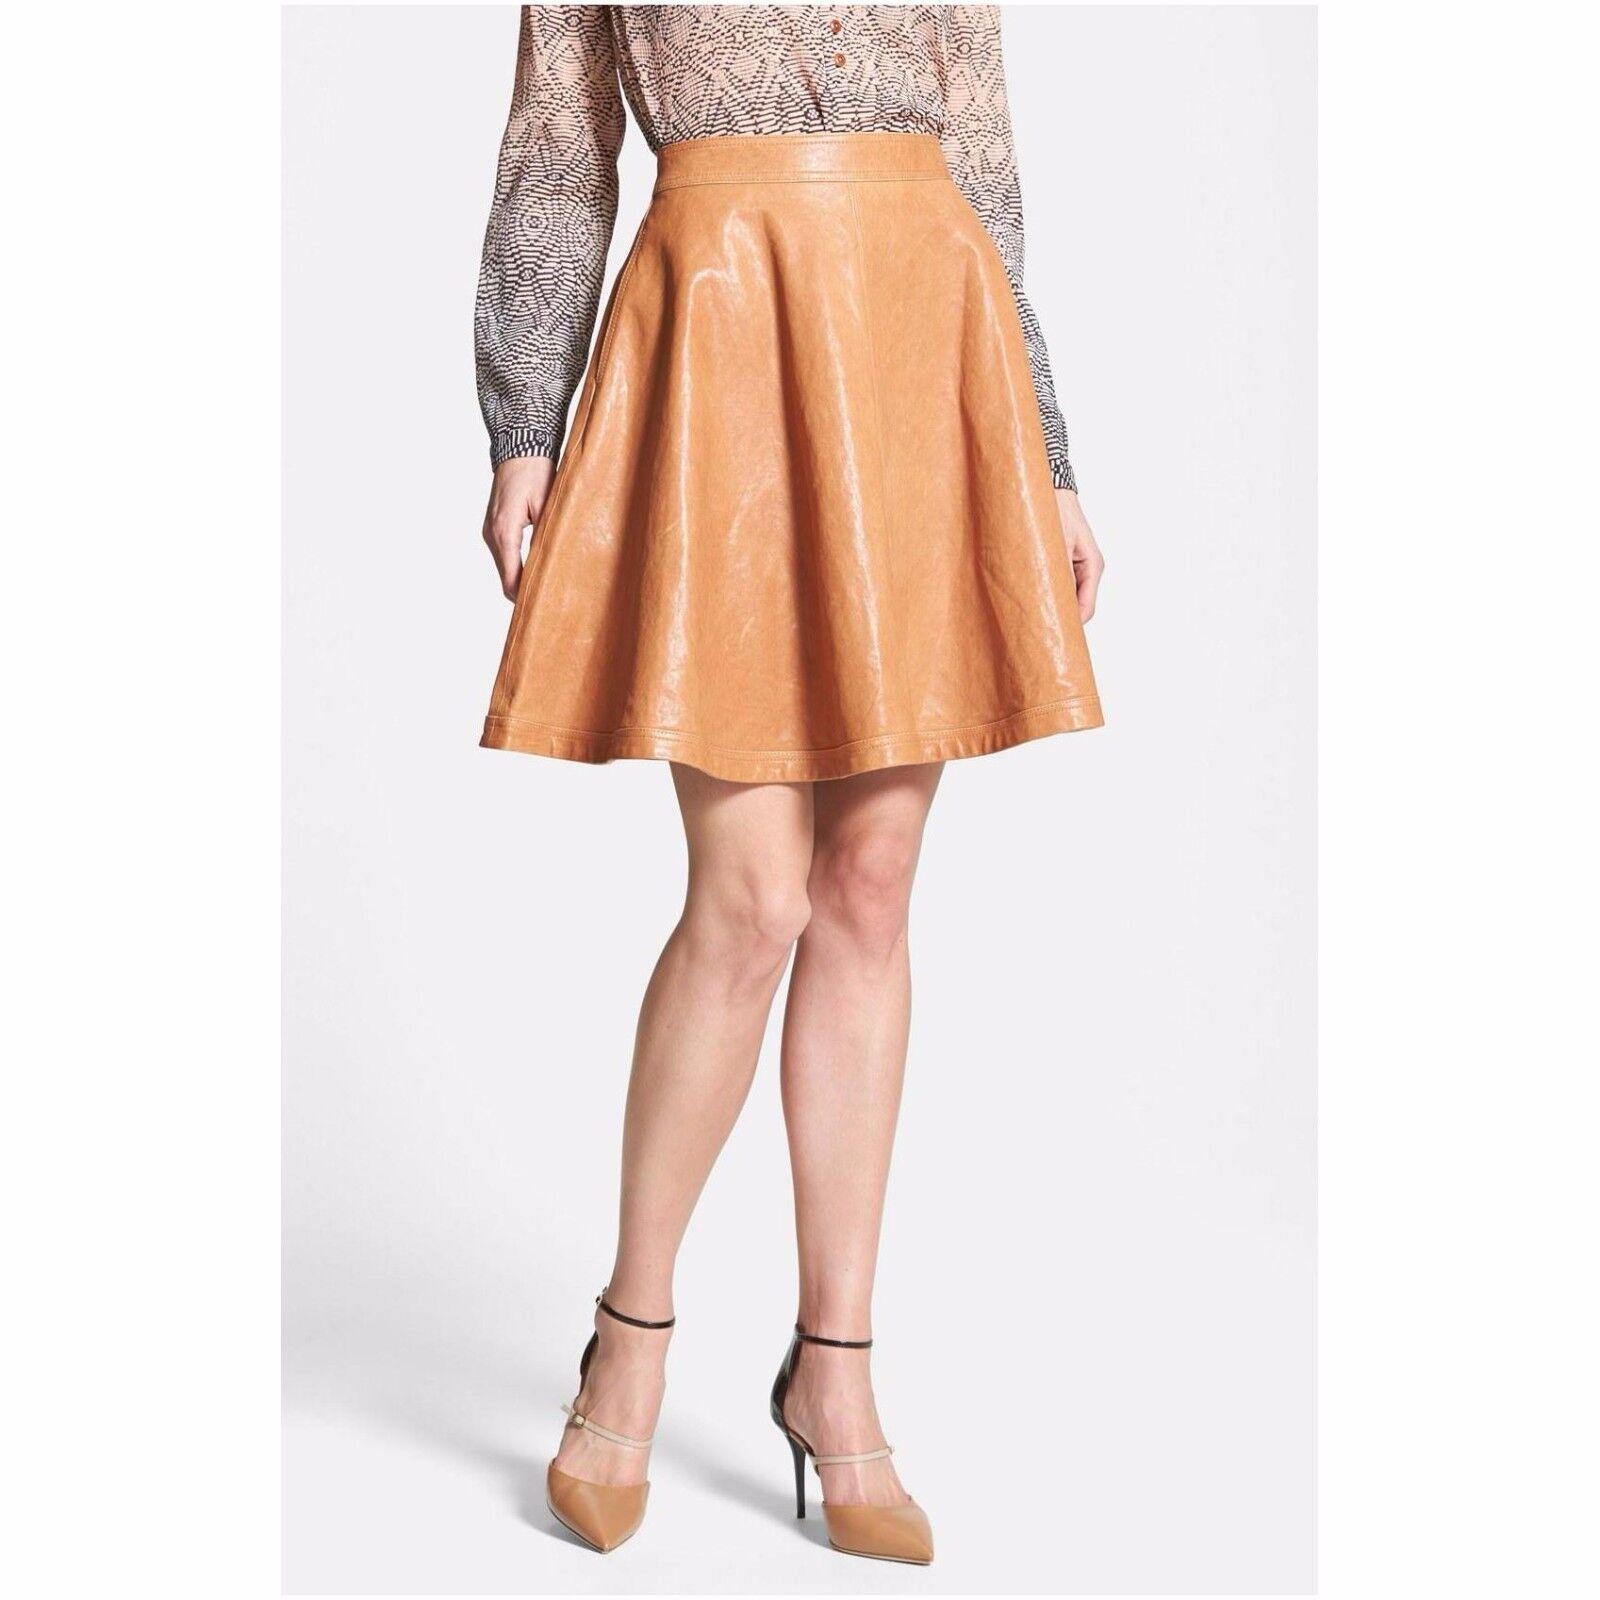 DVF DIANE VON FURSTENBERG 'Riley' 100% Leather Flare Full Skirt Tan Größe 2  895